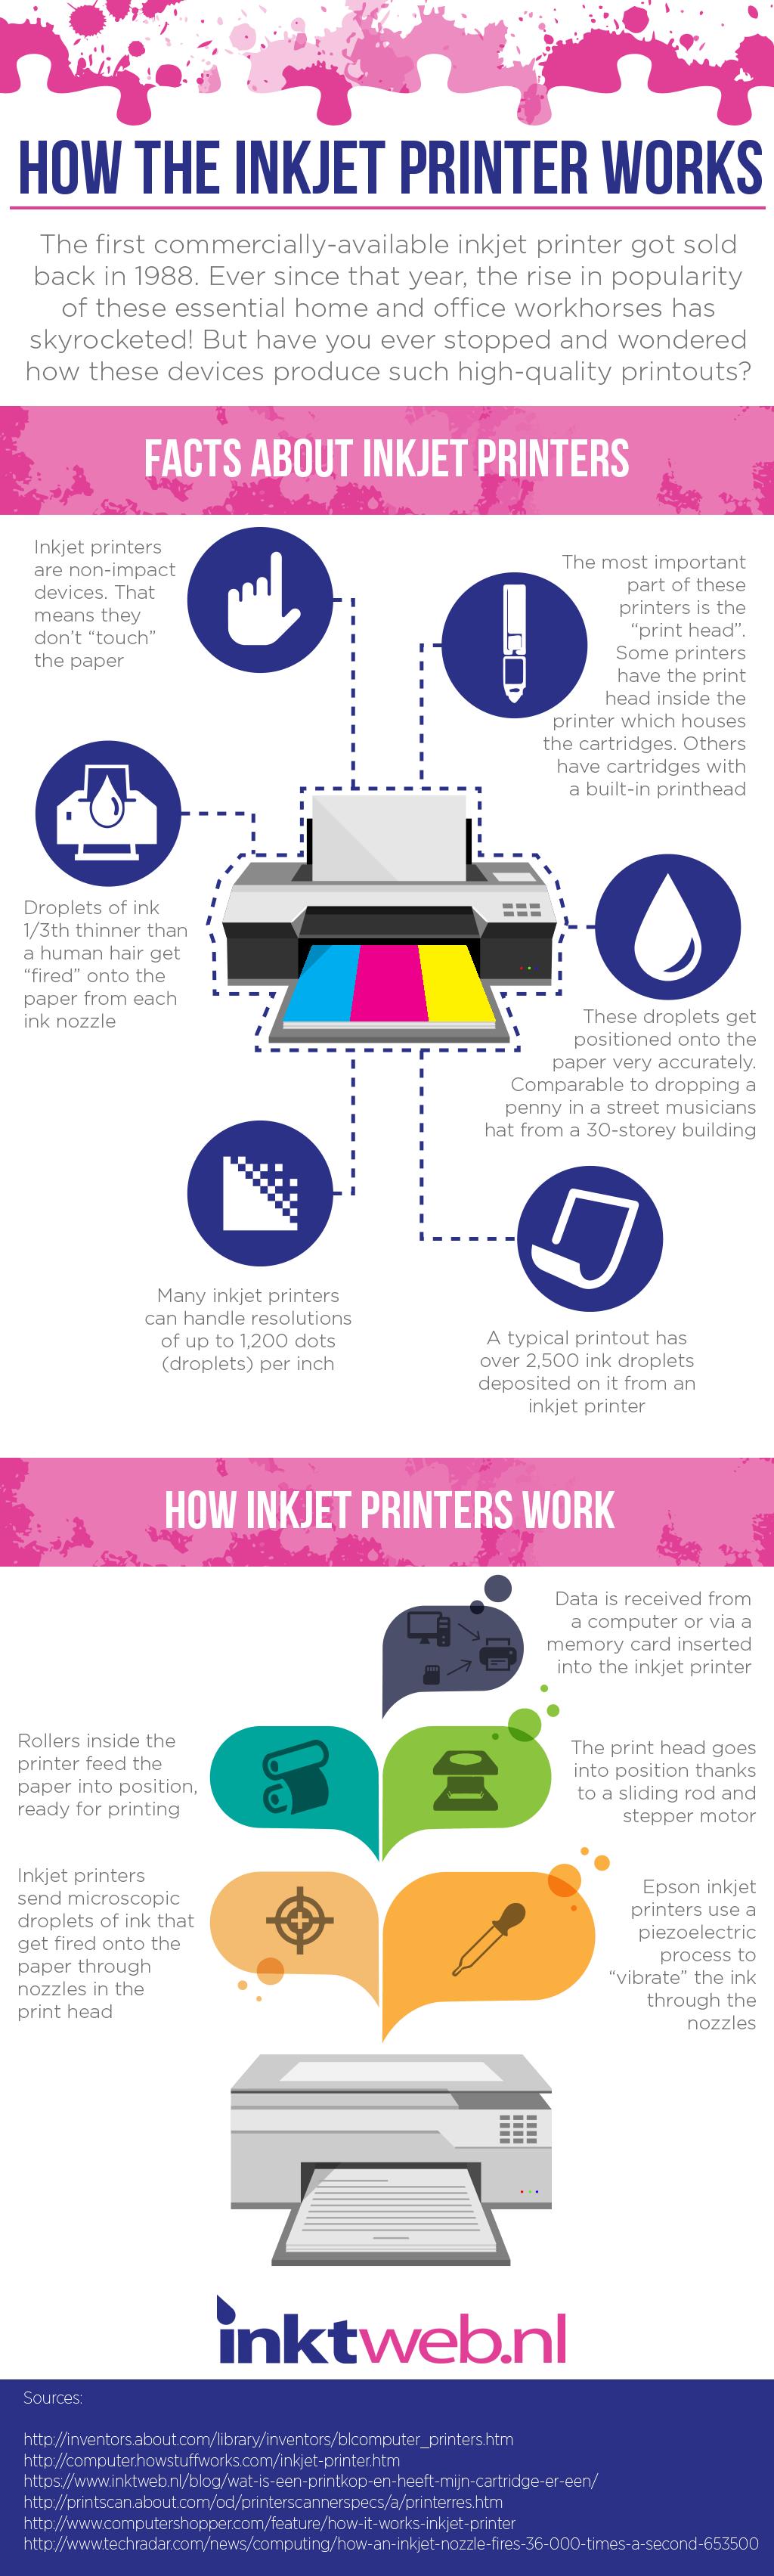 How Inkjet Printer Works